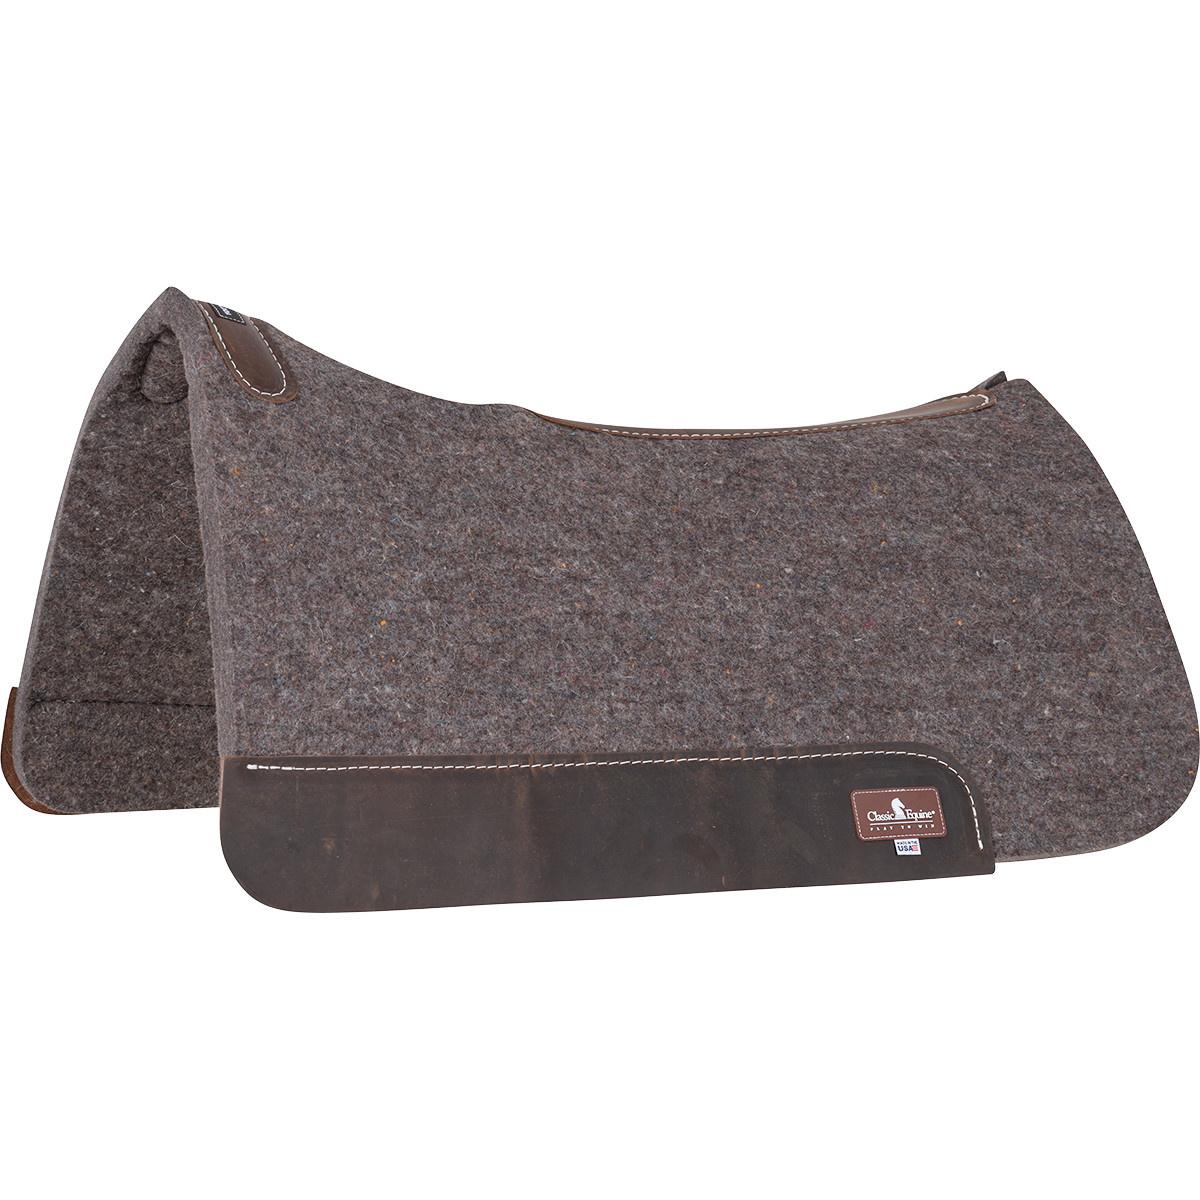 Classic Equine 100% Wool Felt 30X32